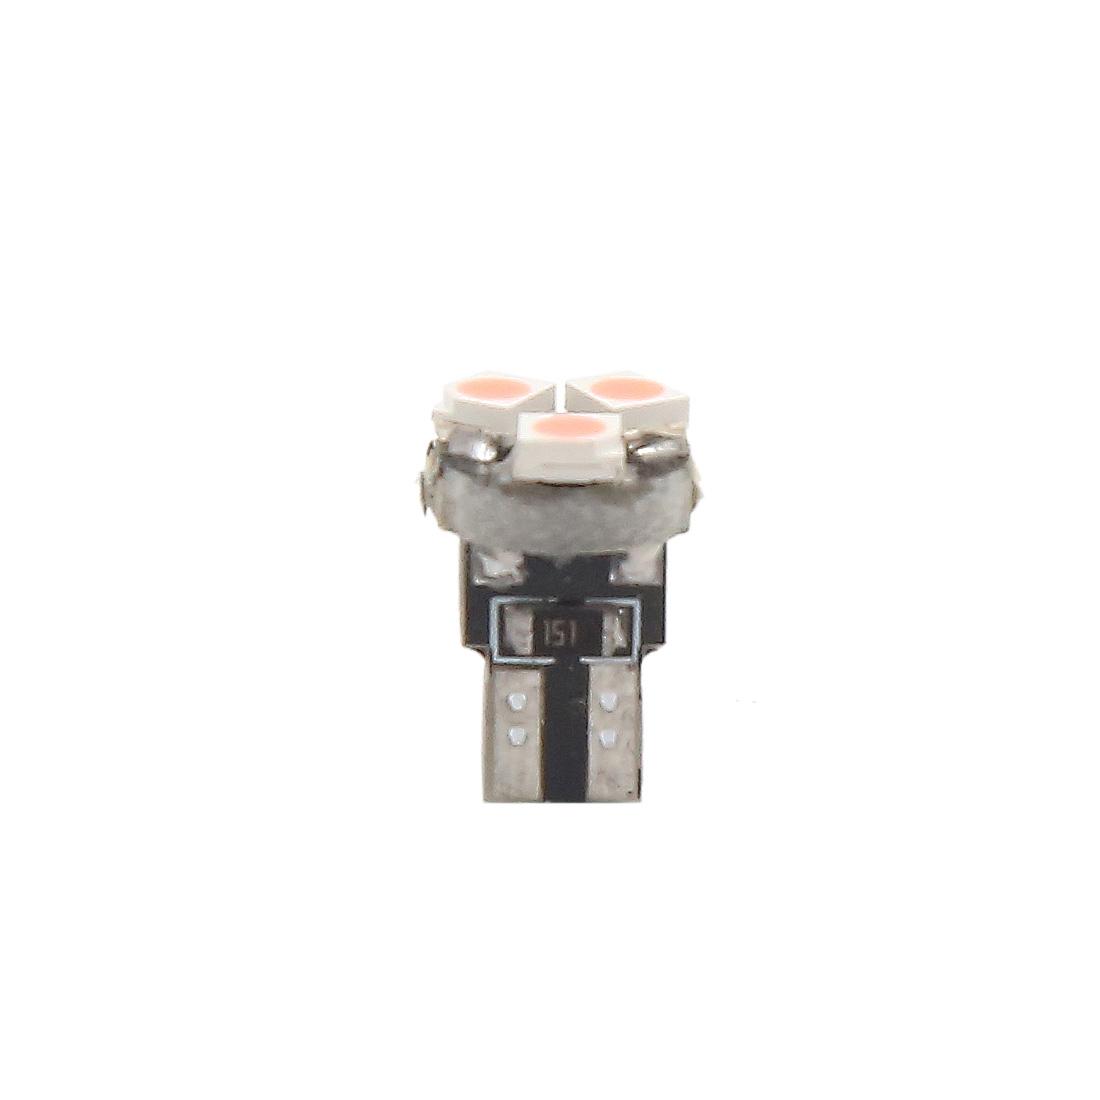 5pcs 12V T5 1206 SMD 3 LED Pink Dashboard Instrument Light with Socket Internal - image 4 de 5